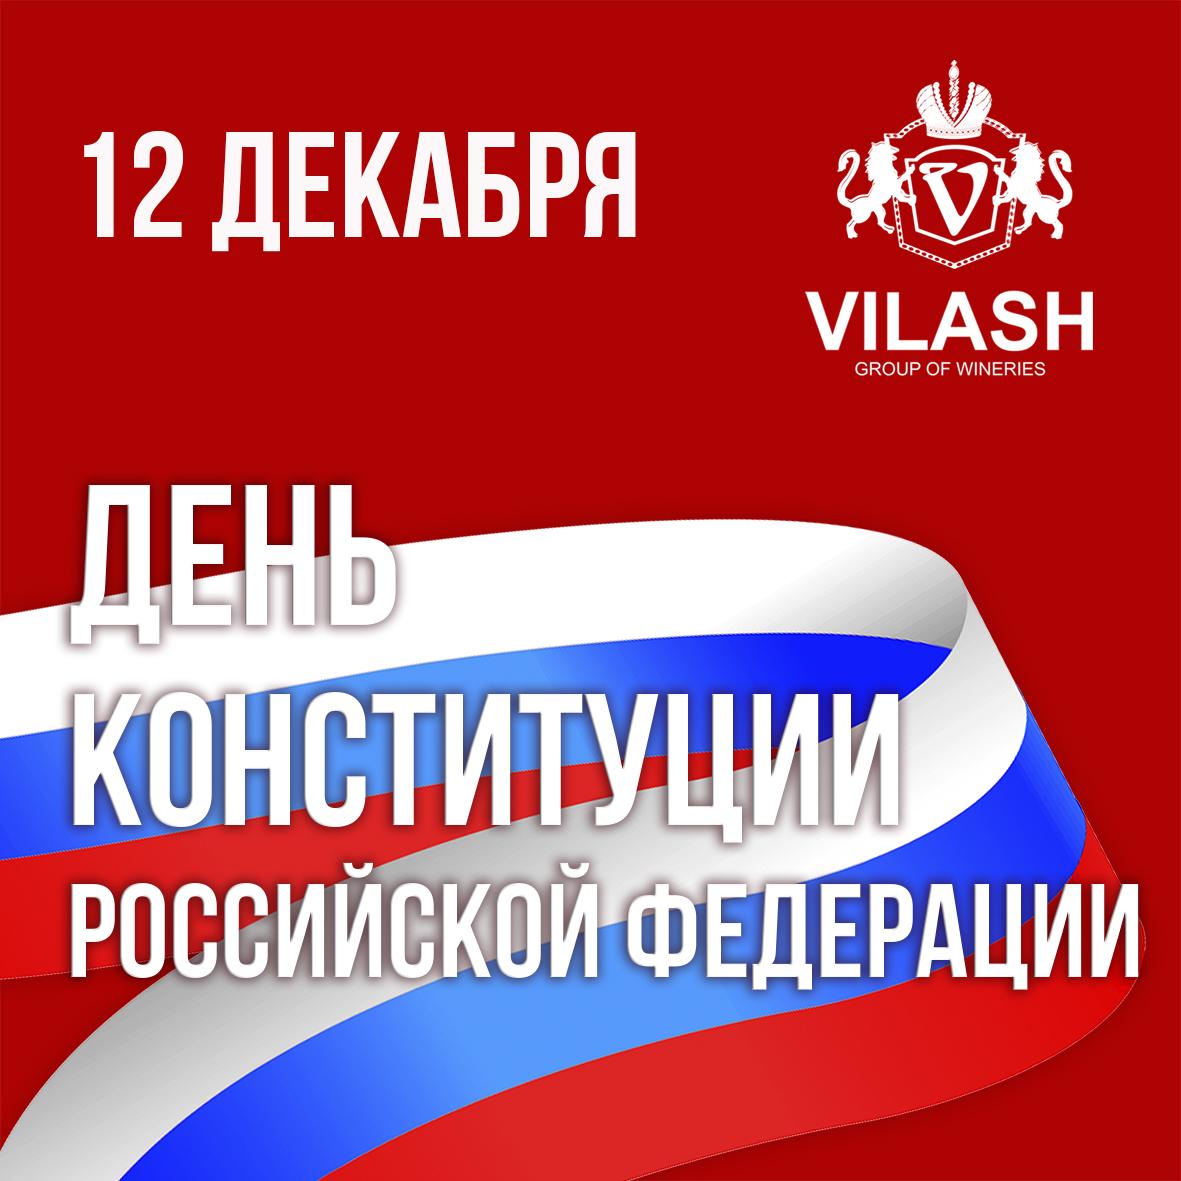 Группа компаний «ВИЛАШ» поздравляет